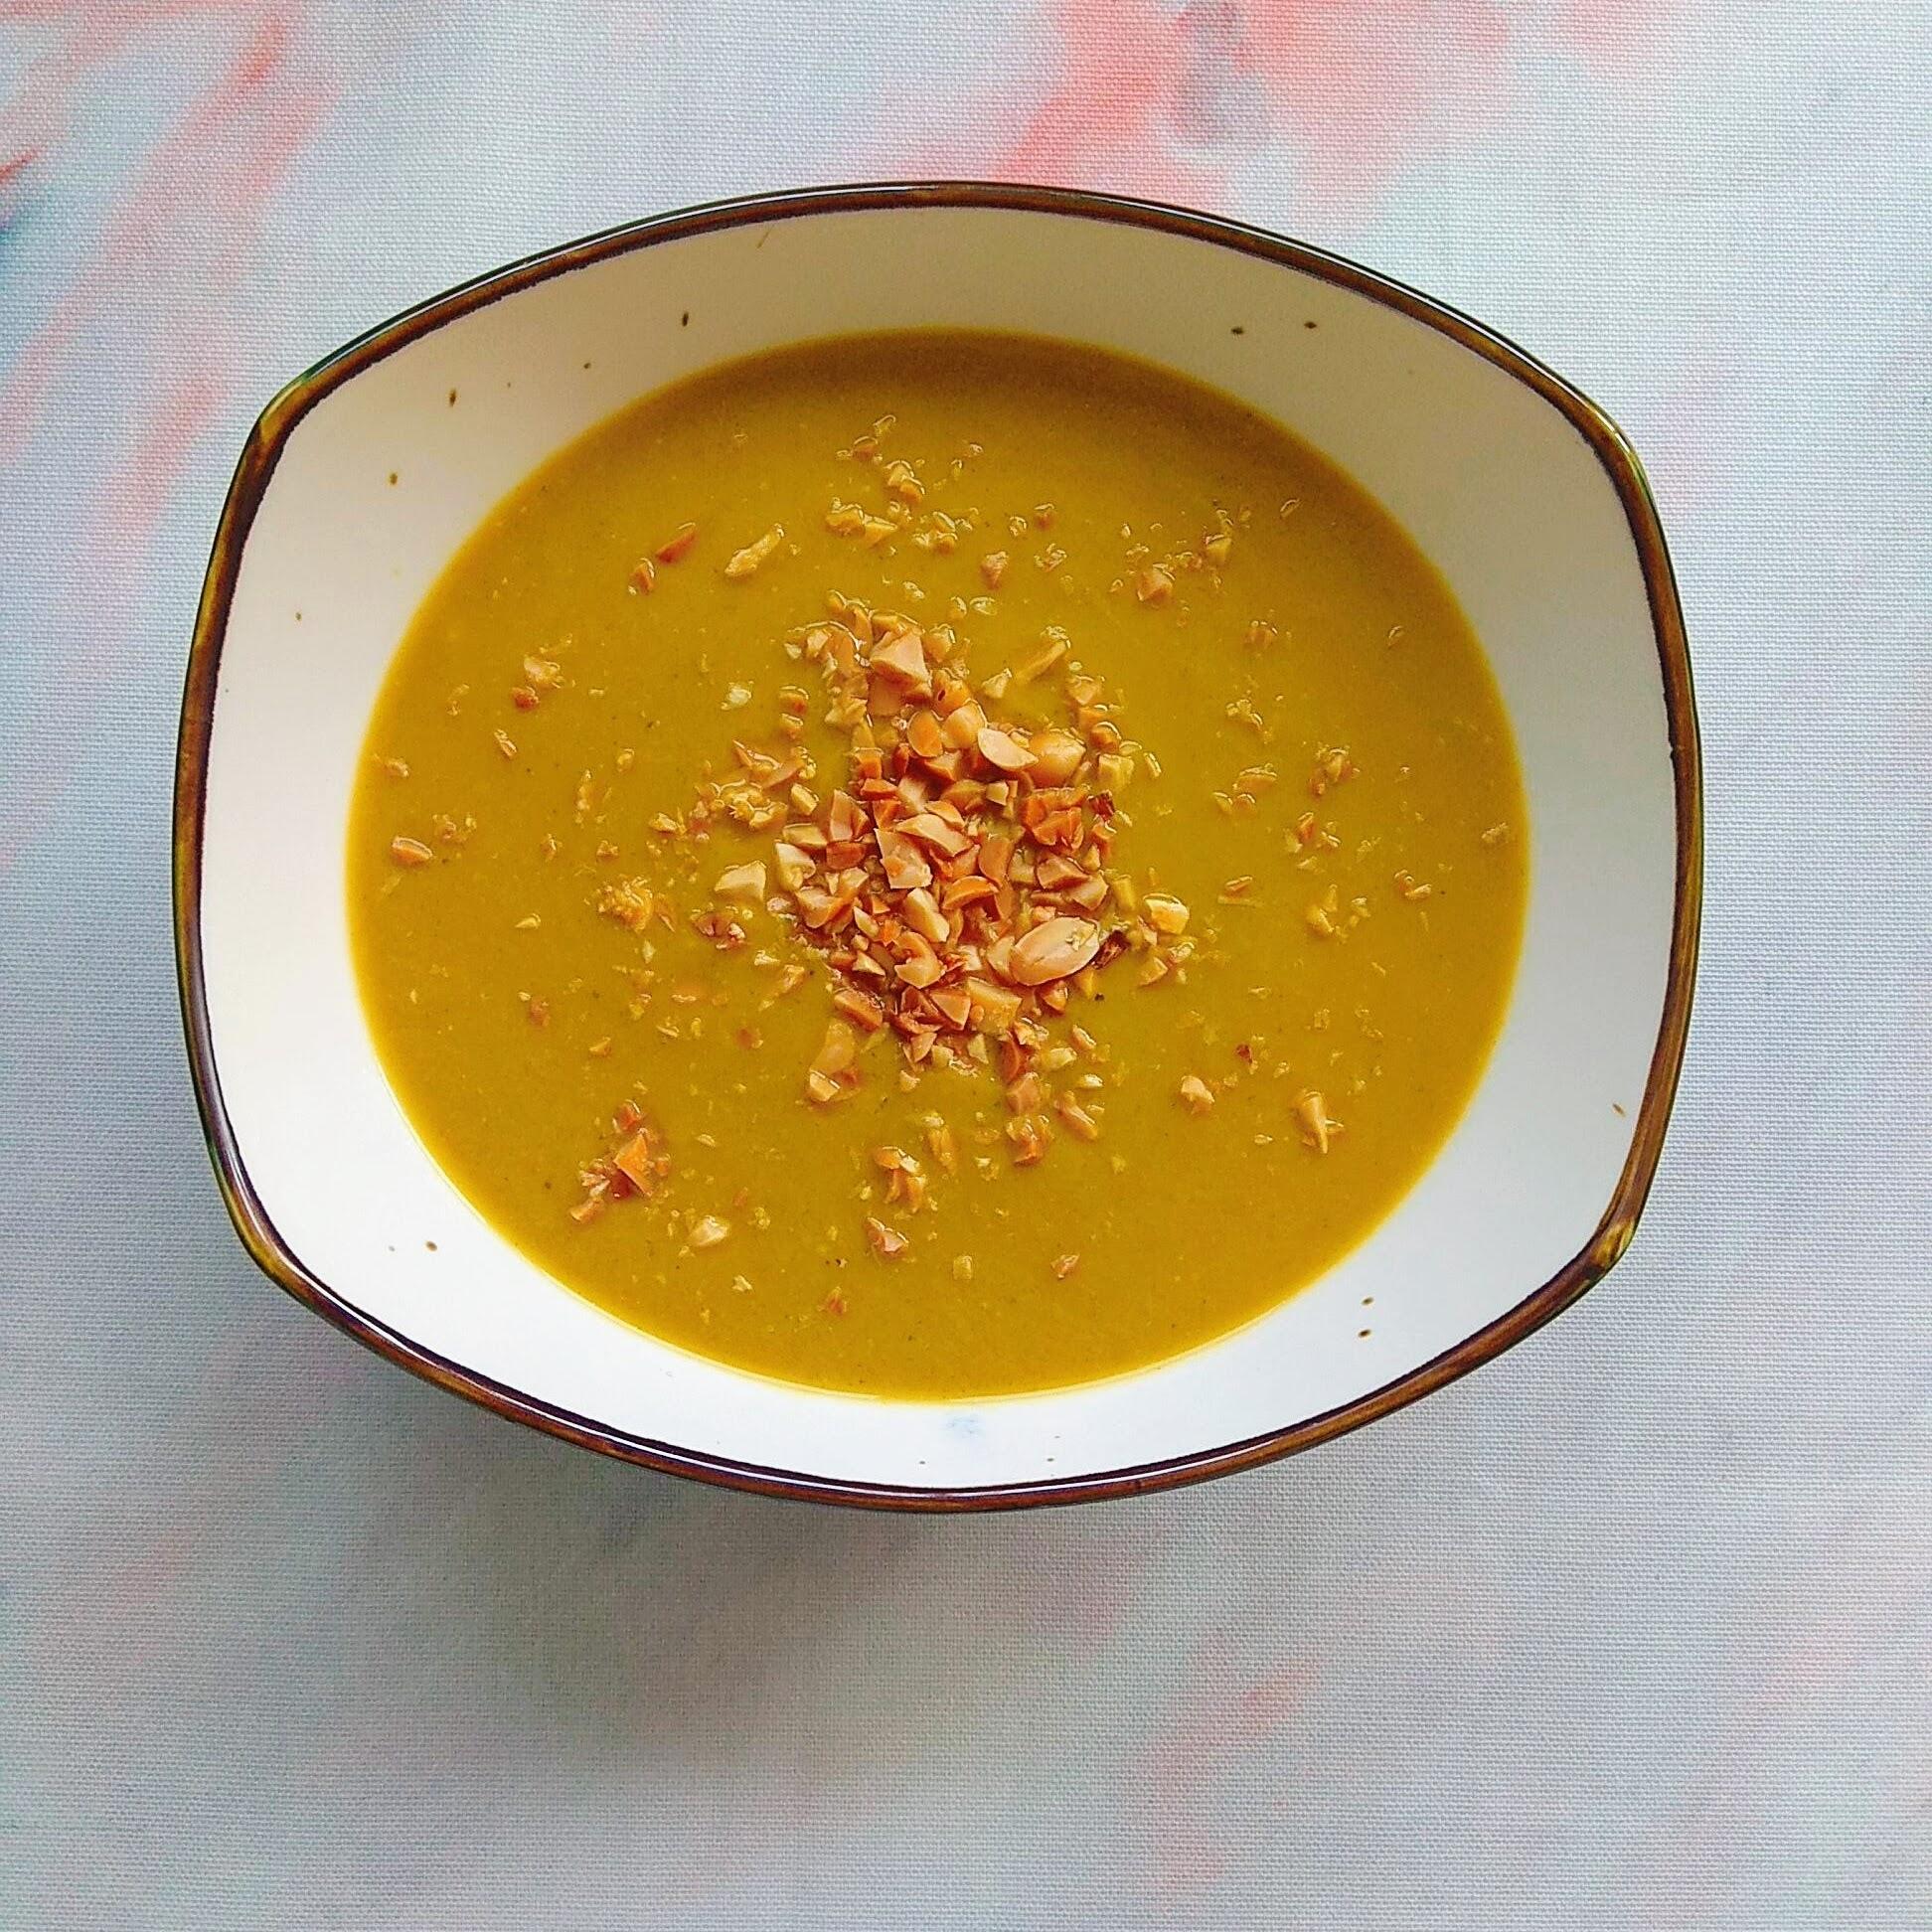 Receta fácil de crema de brócoli vegana. Descúbrela en: www.cocinandoconlola.com